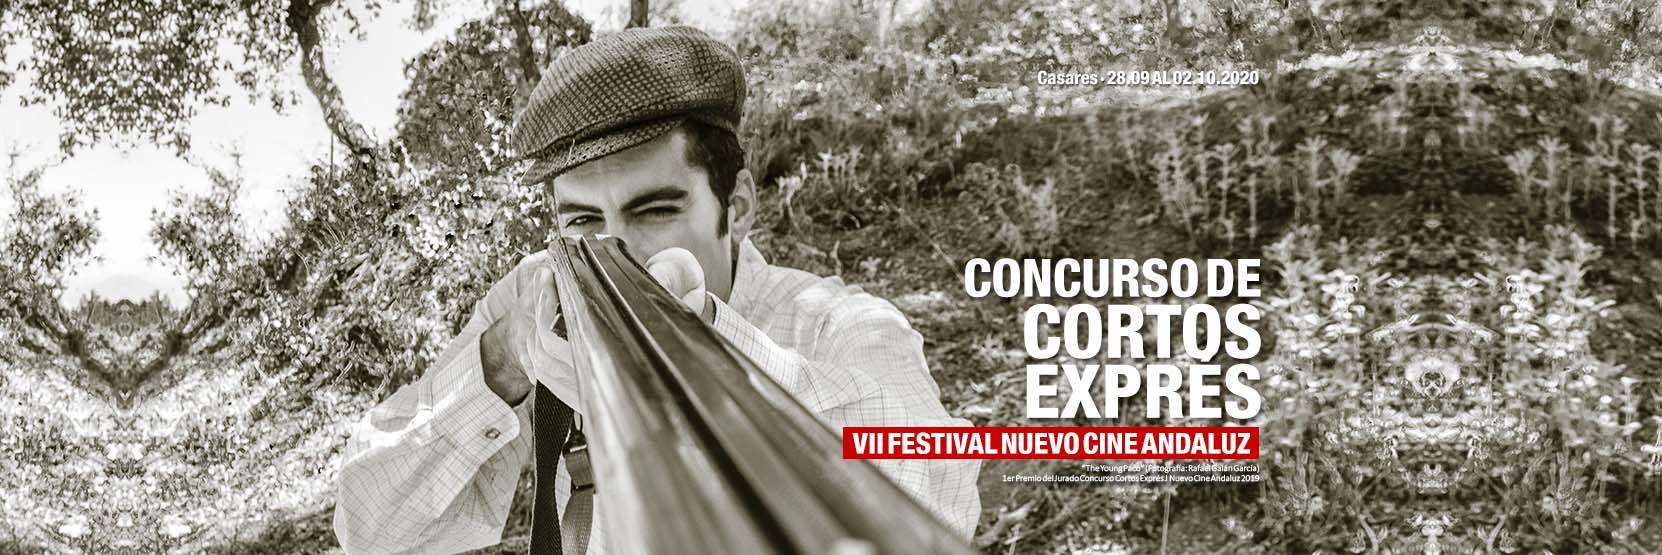 Concurso Cortos Exprés Nuevo Cine Andaluz 2020